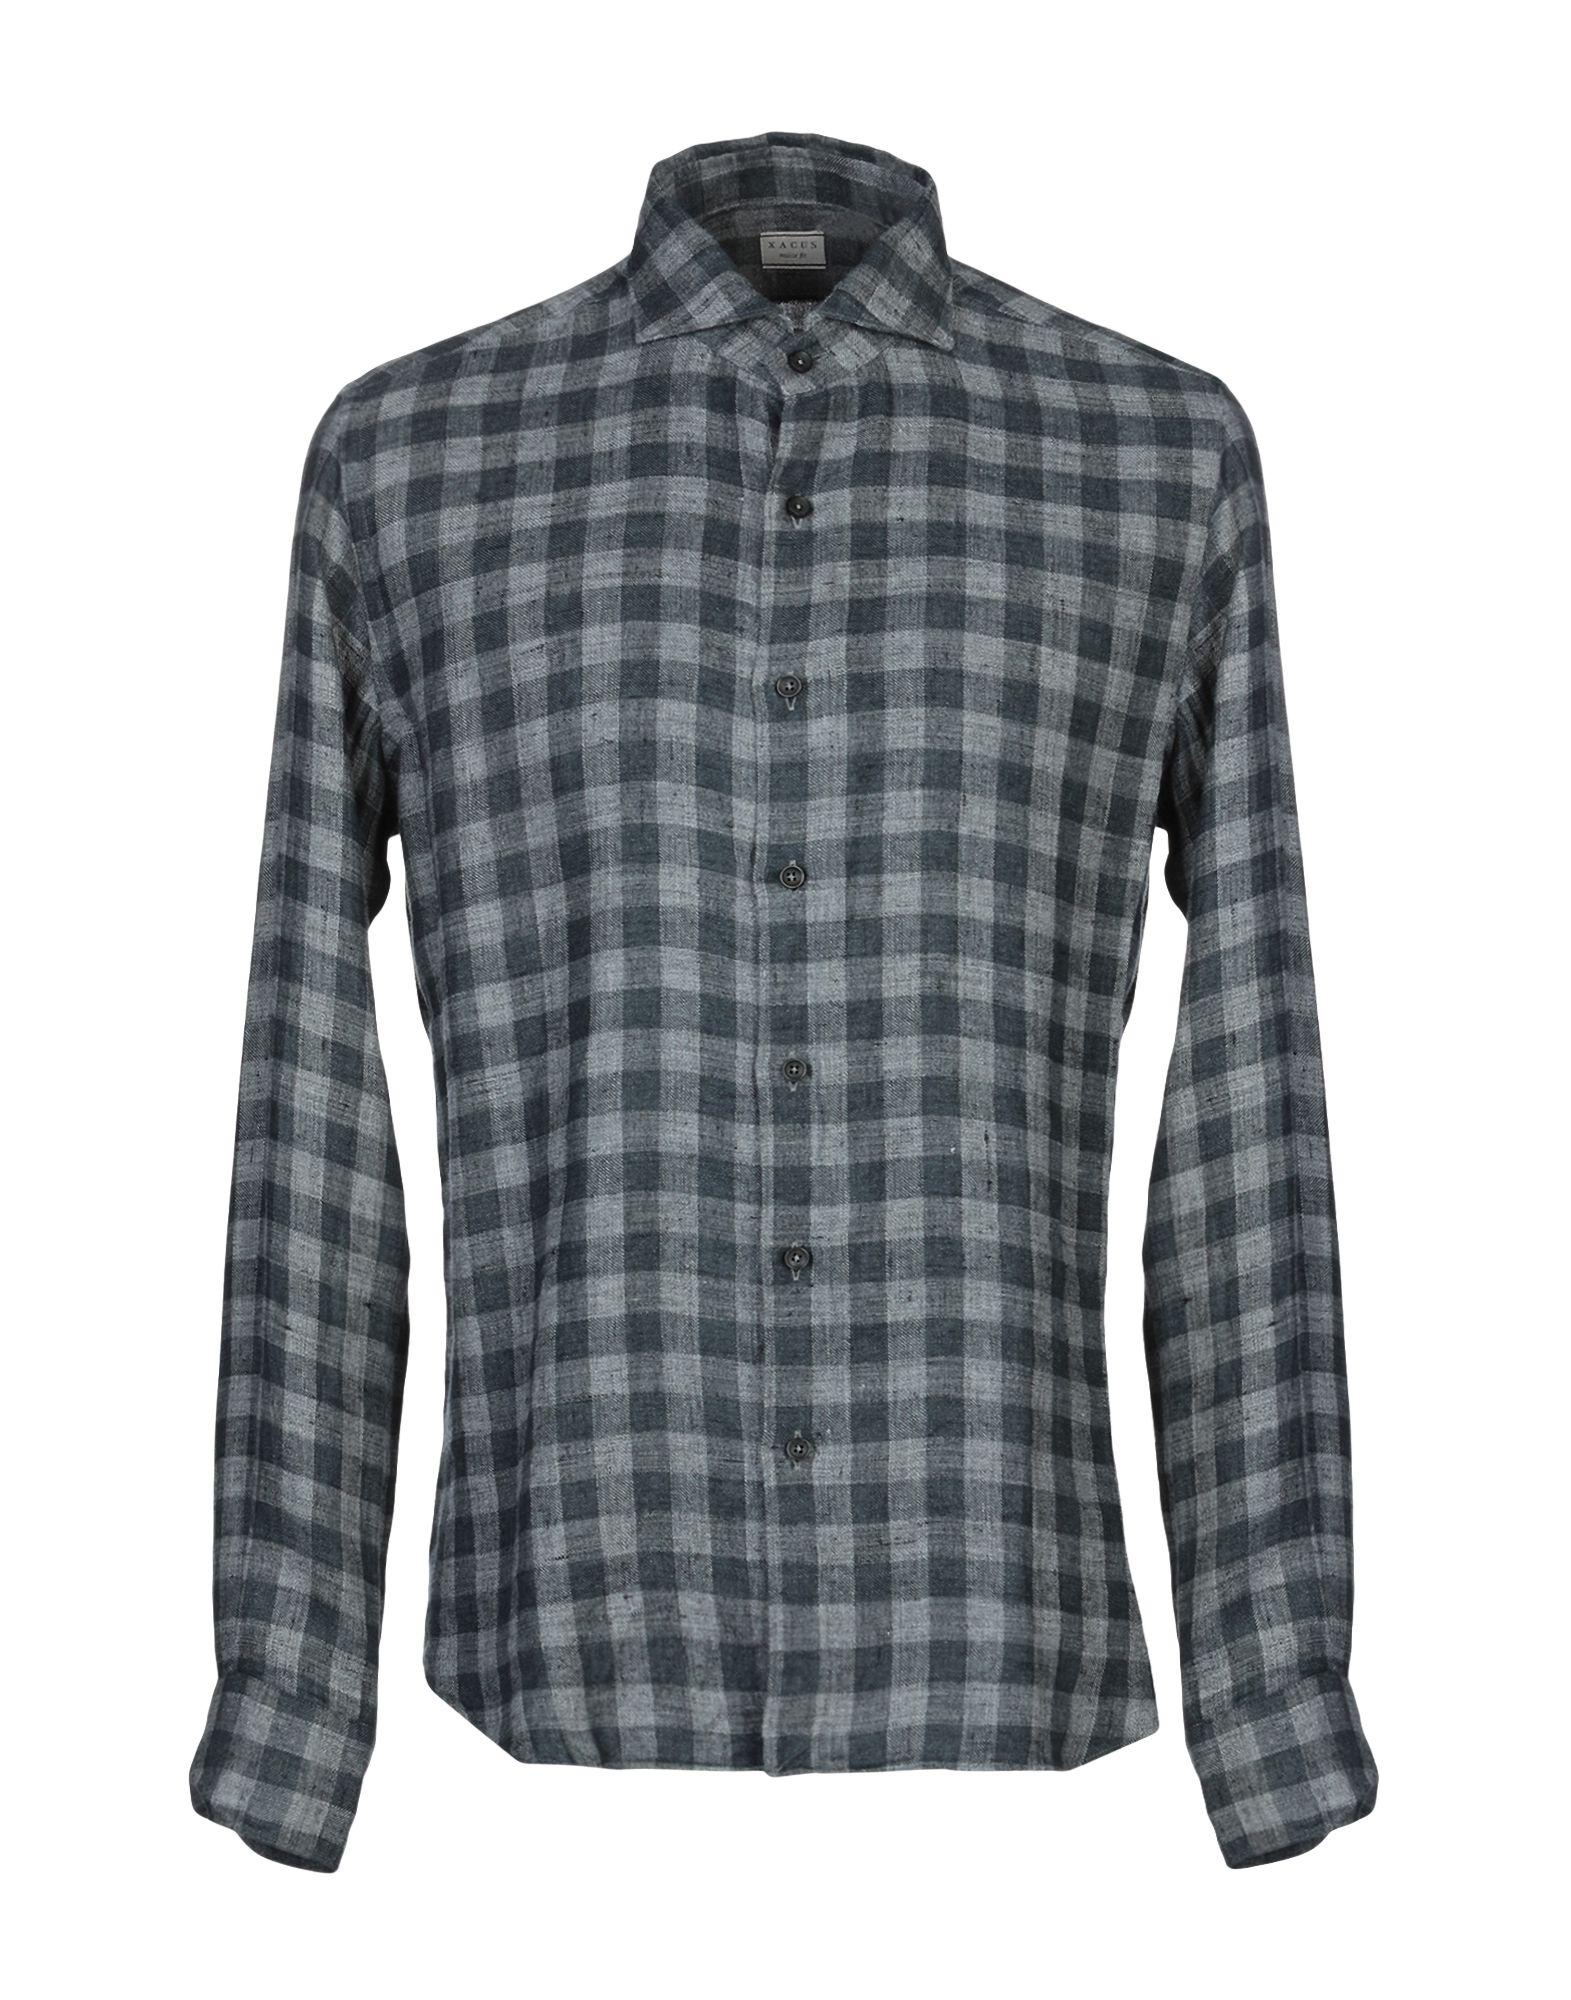 《送料無料》XACUS メンズ シャツ ブルー 41 麻 100%